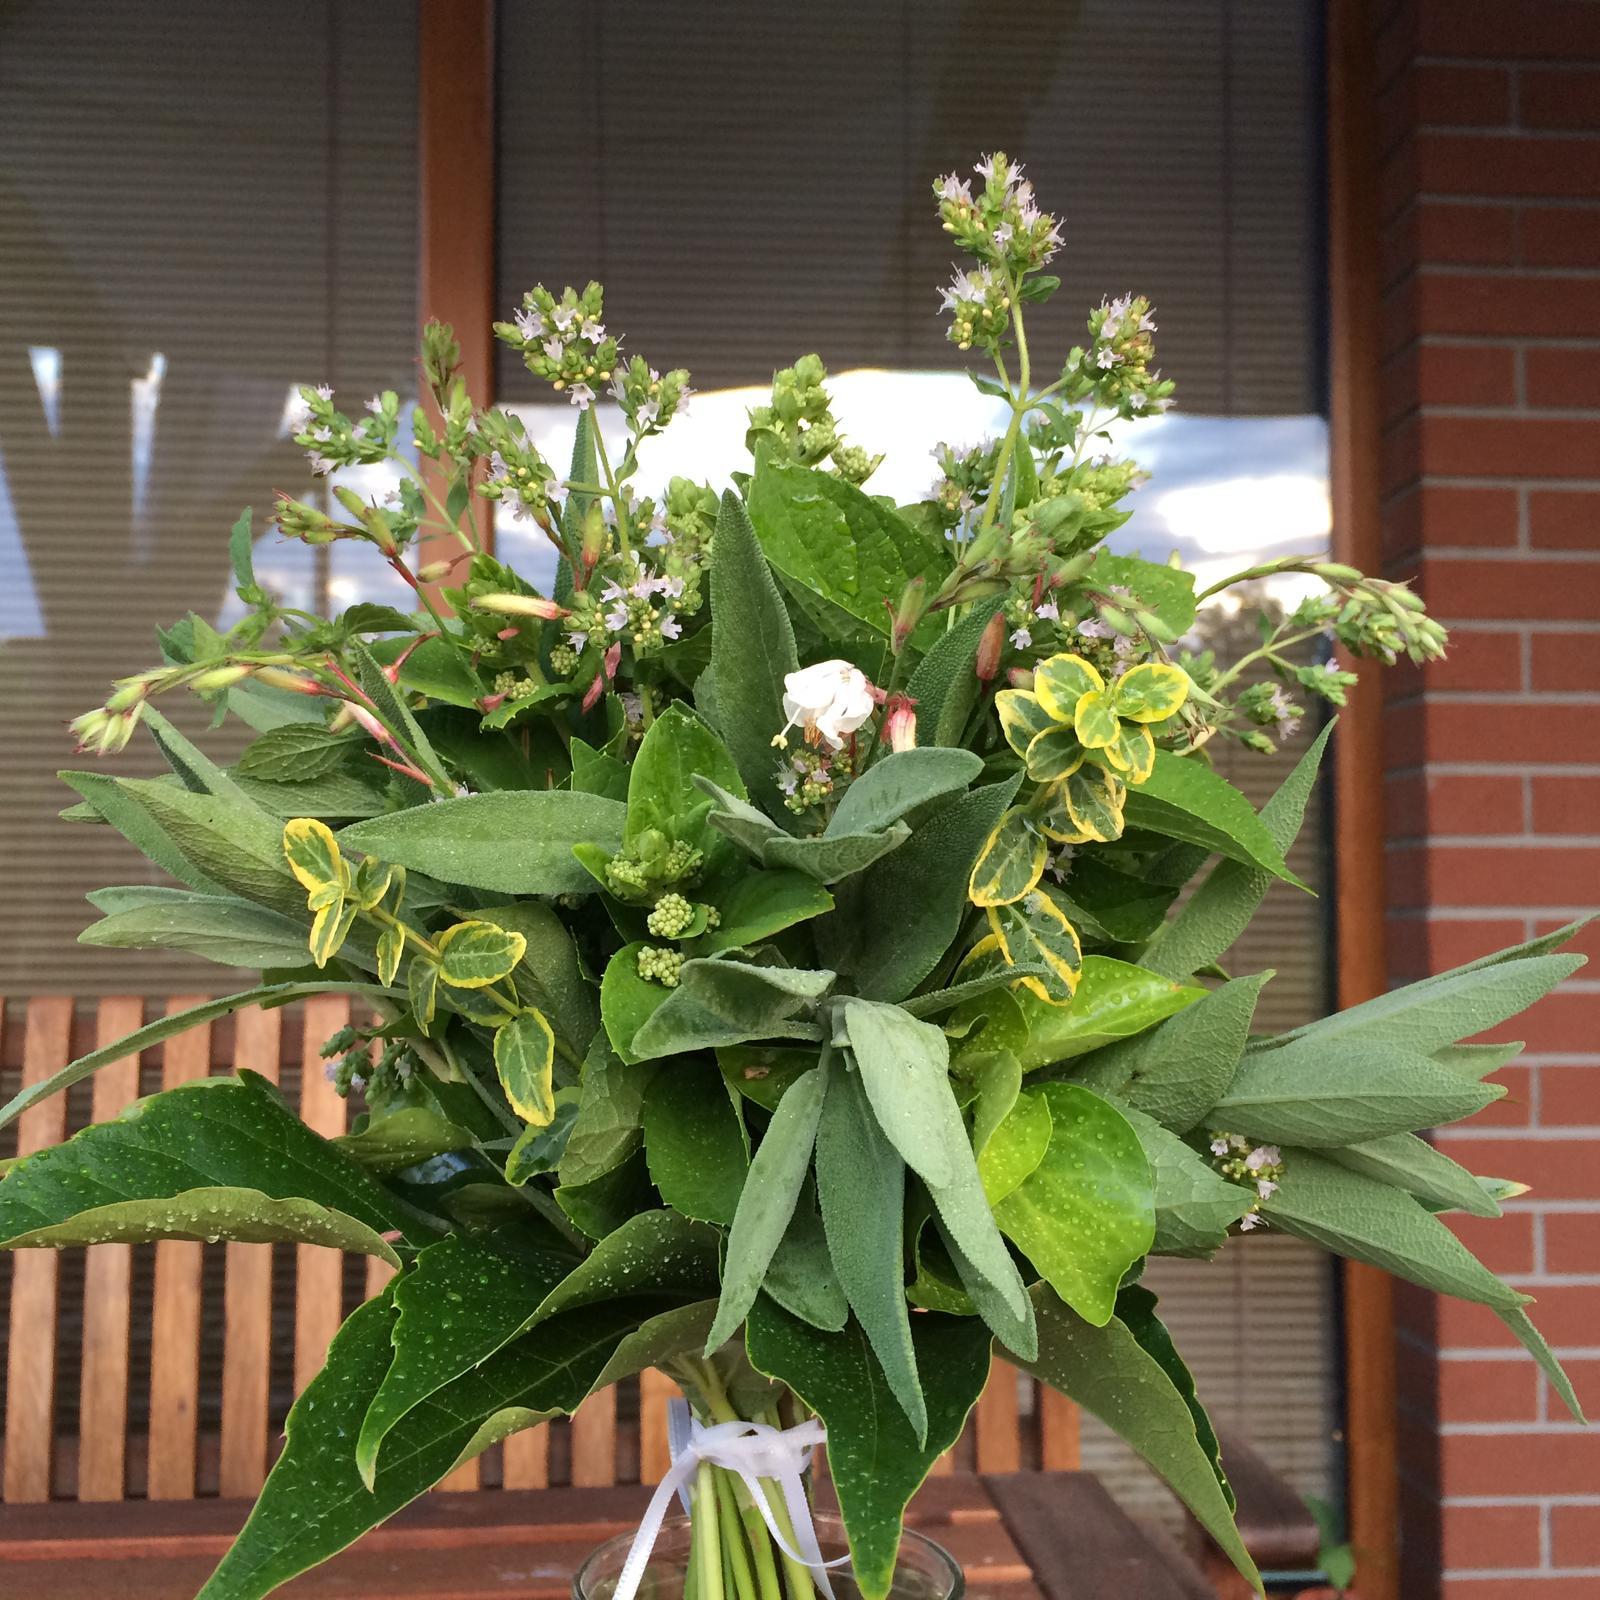 Dekorace z květin Pro radost - Obrázek č. 143